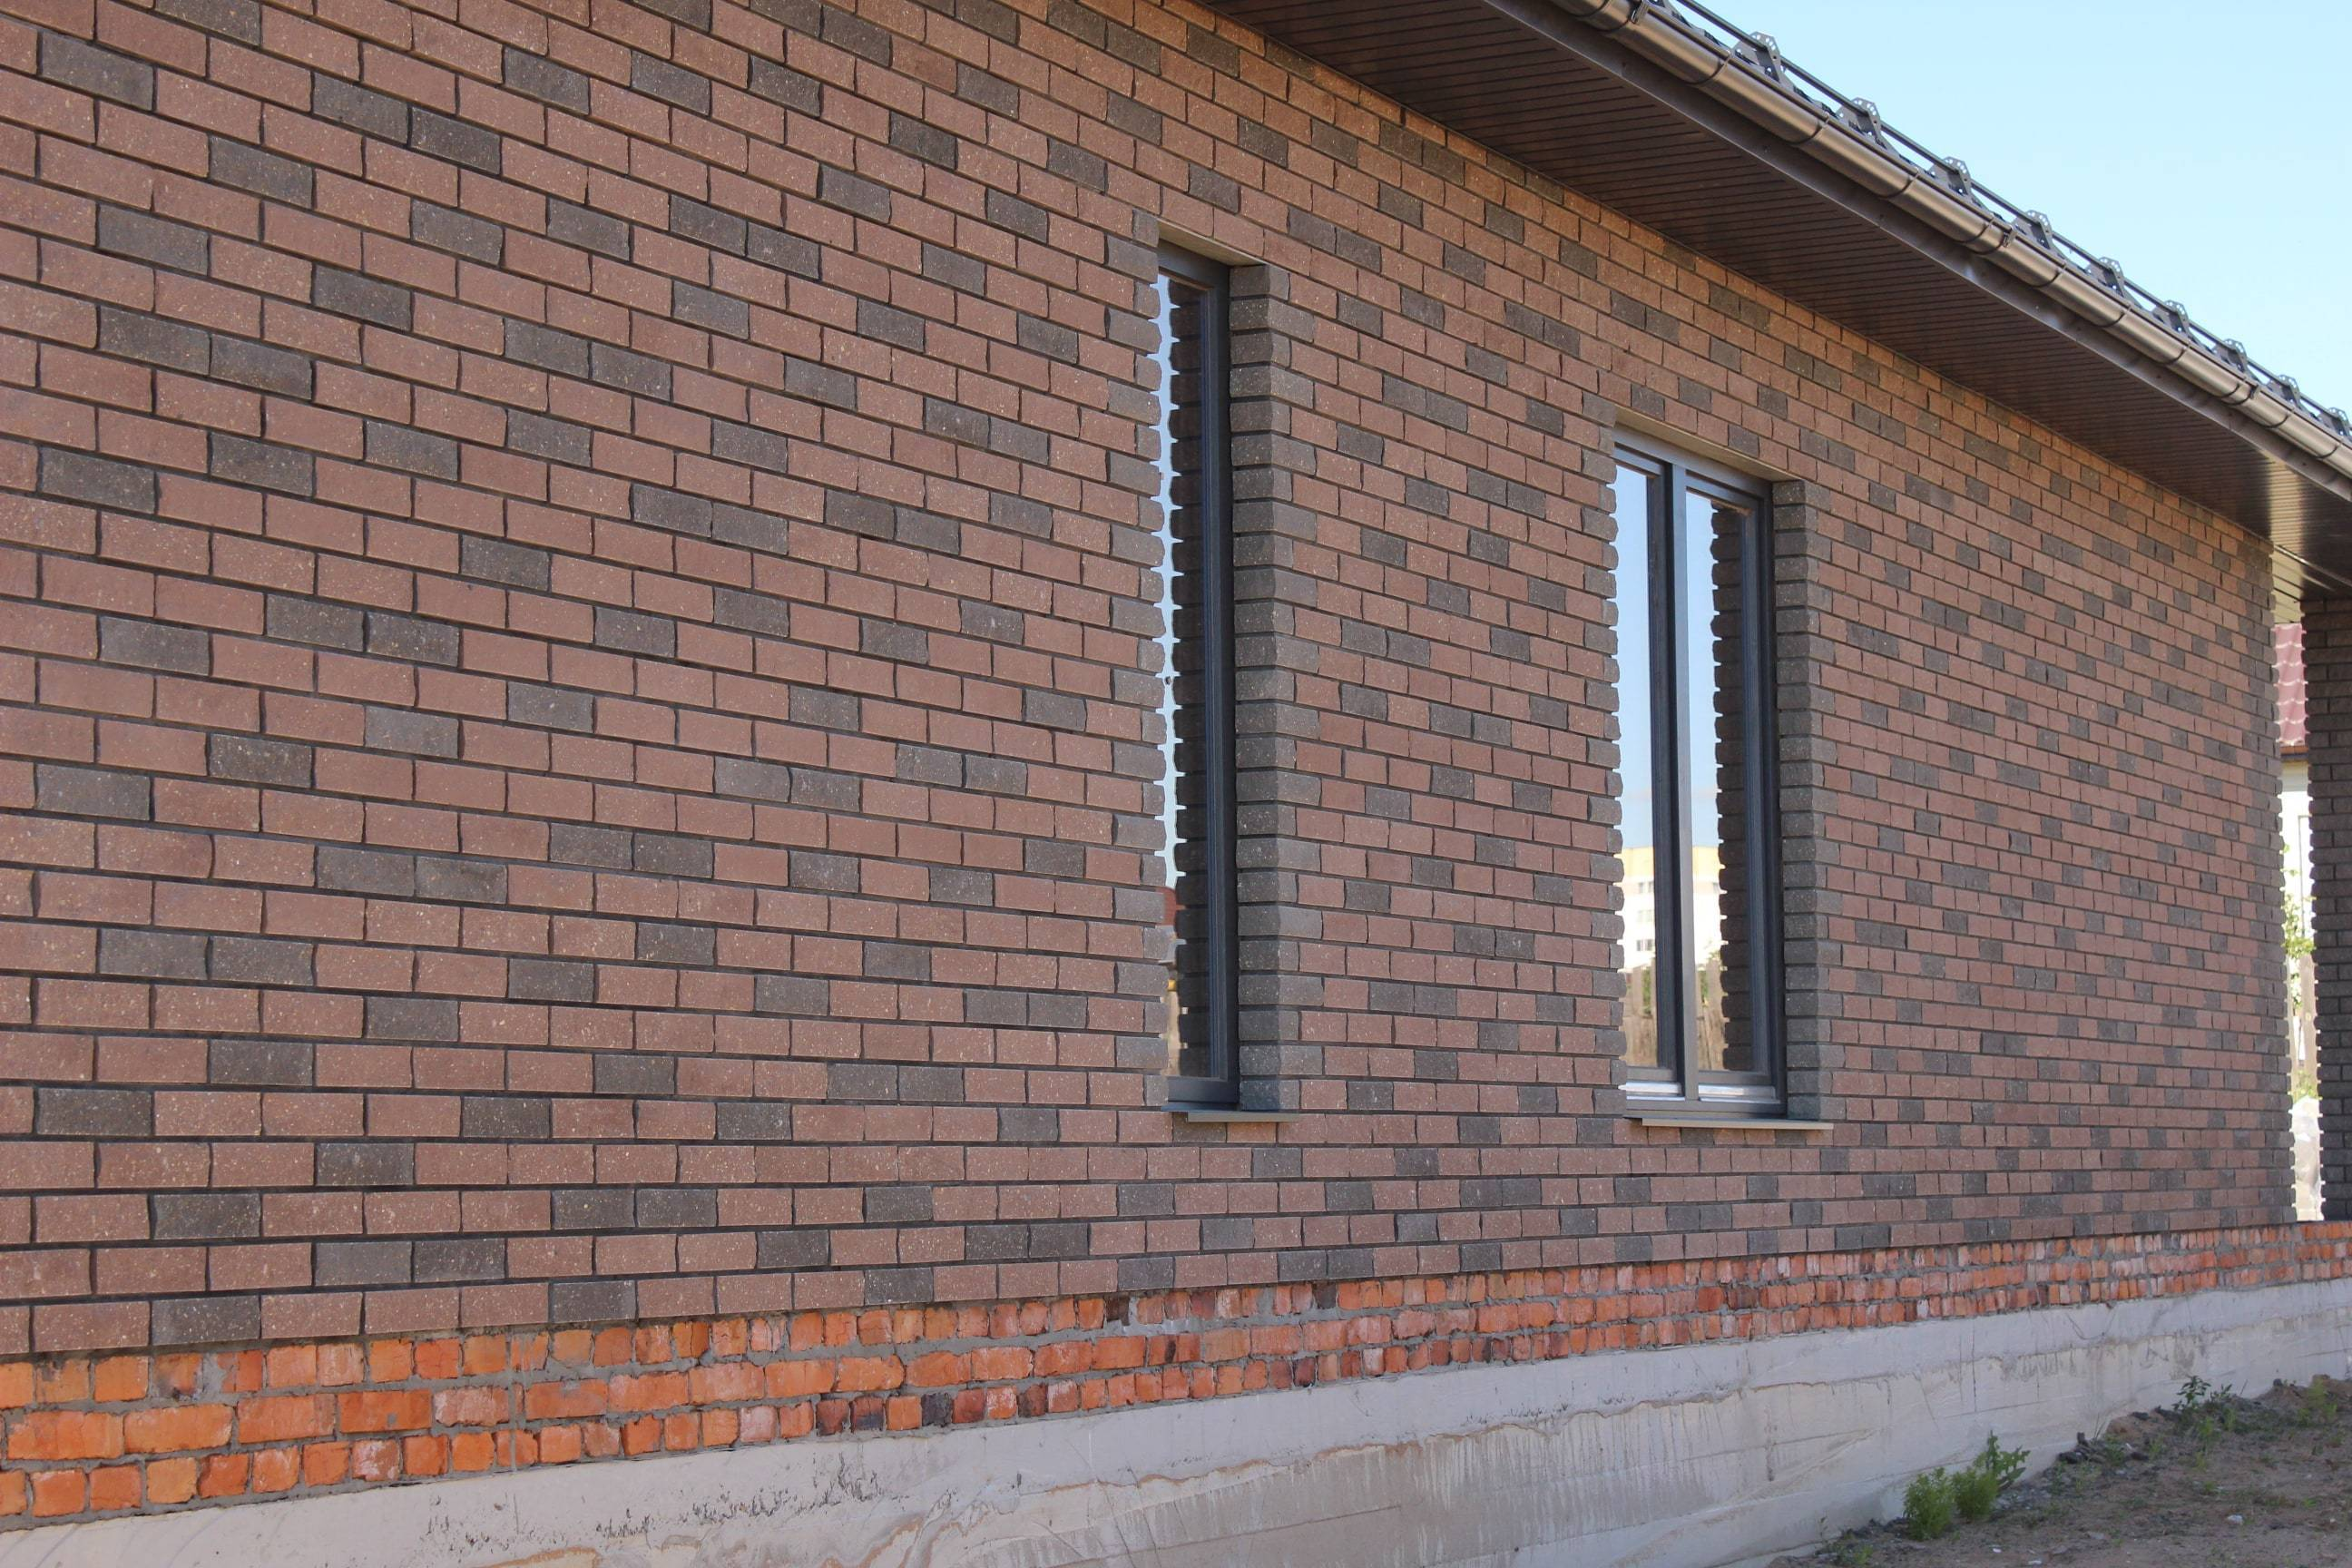 Баварская кладка кирпича - фото домов, схемы кладки